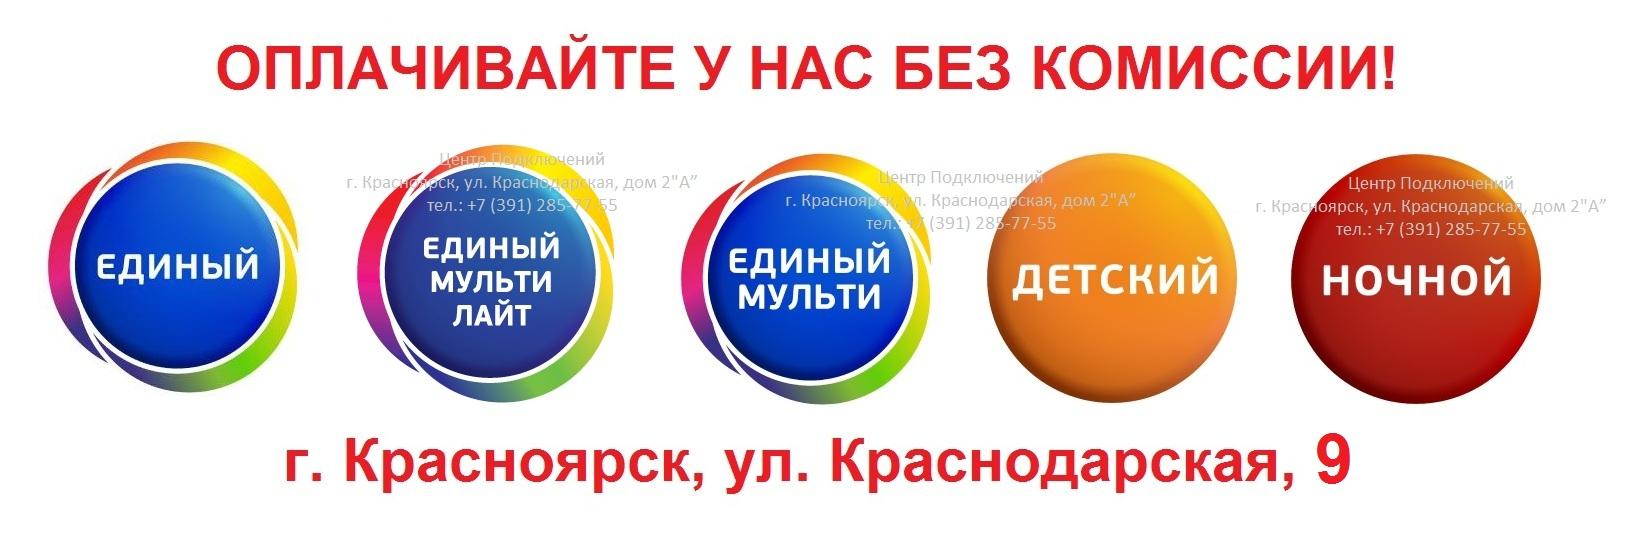 оплачивайте без комиссии краснодарская 2а с единый мульти лайт